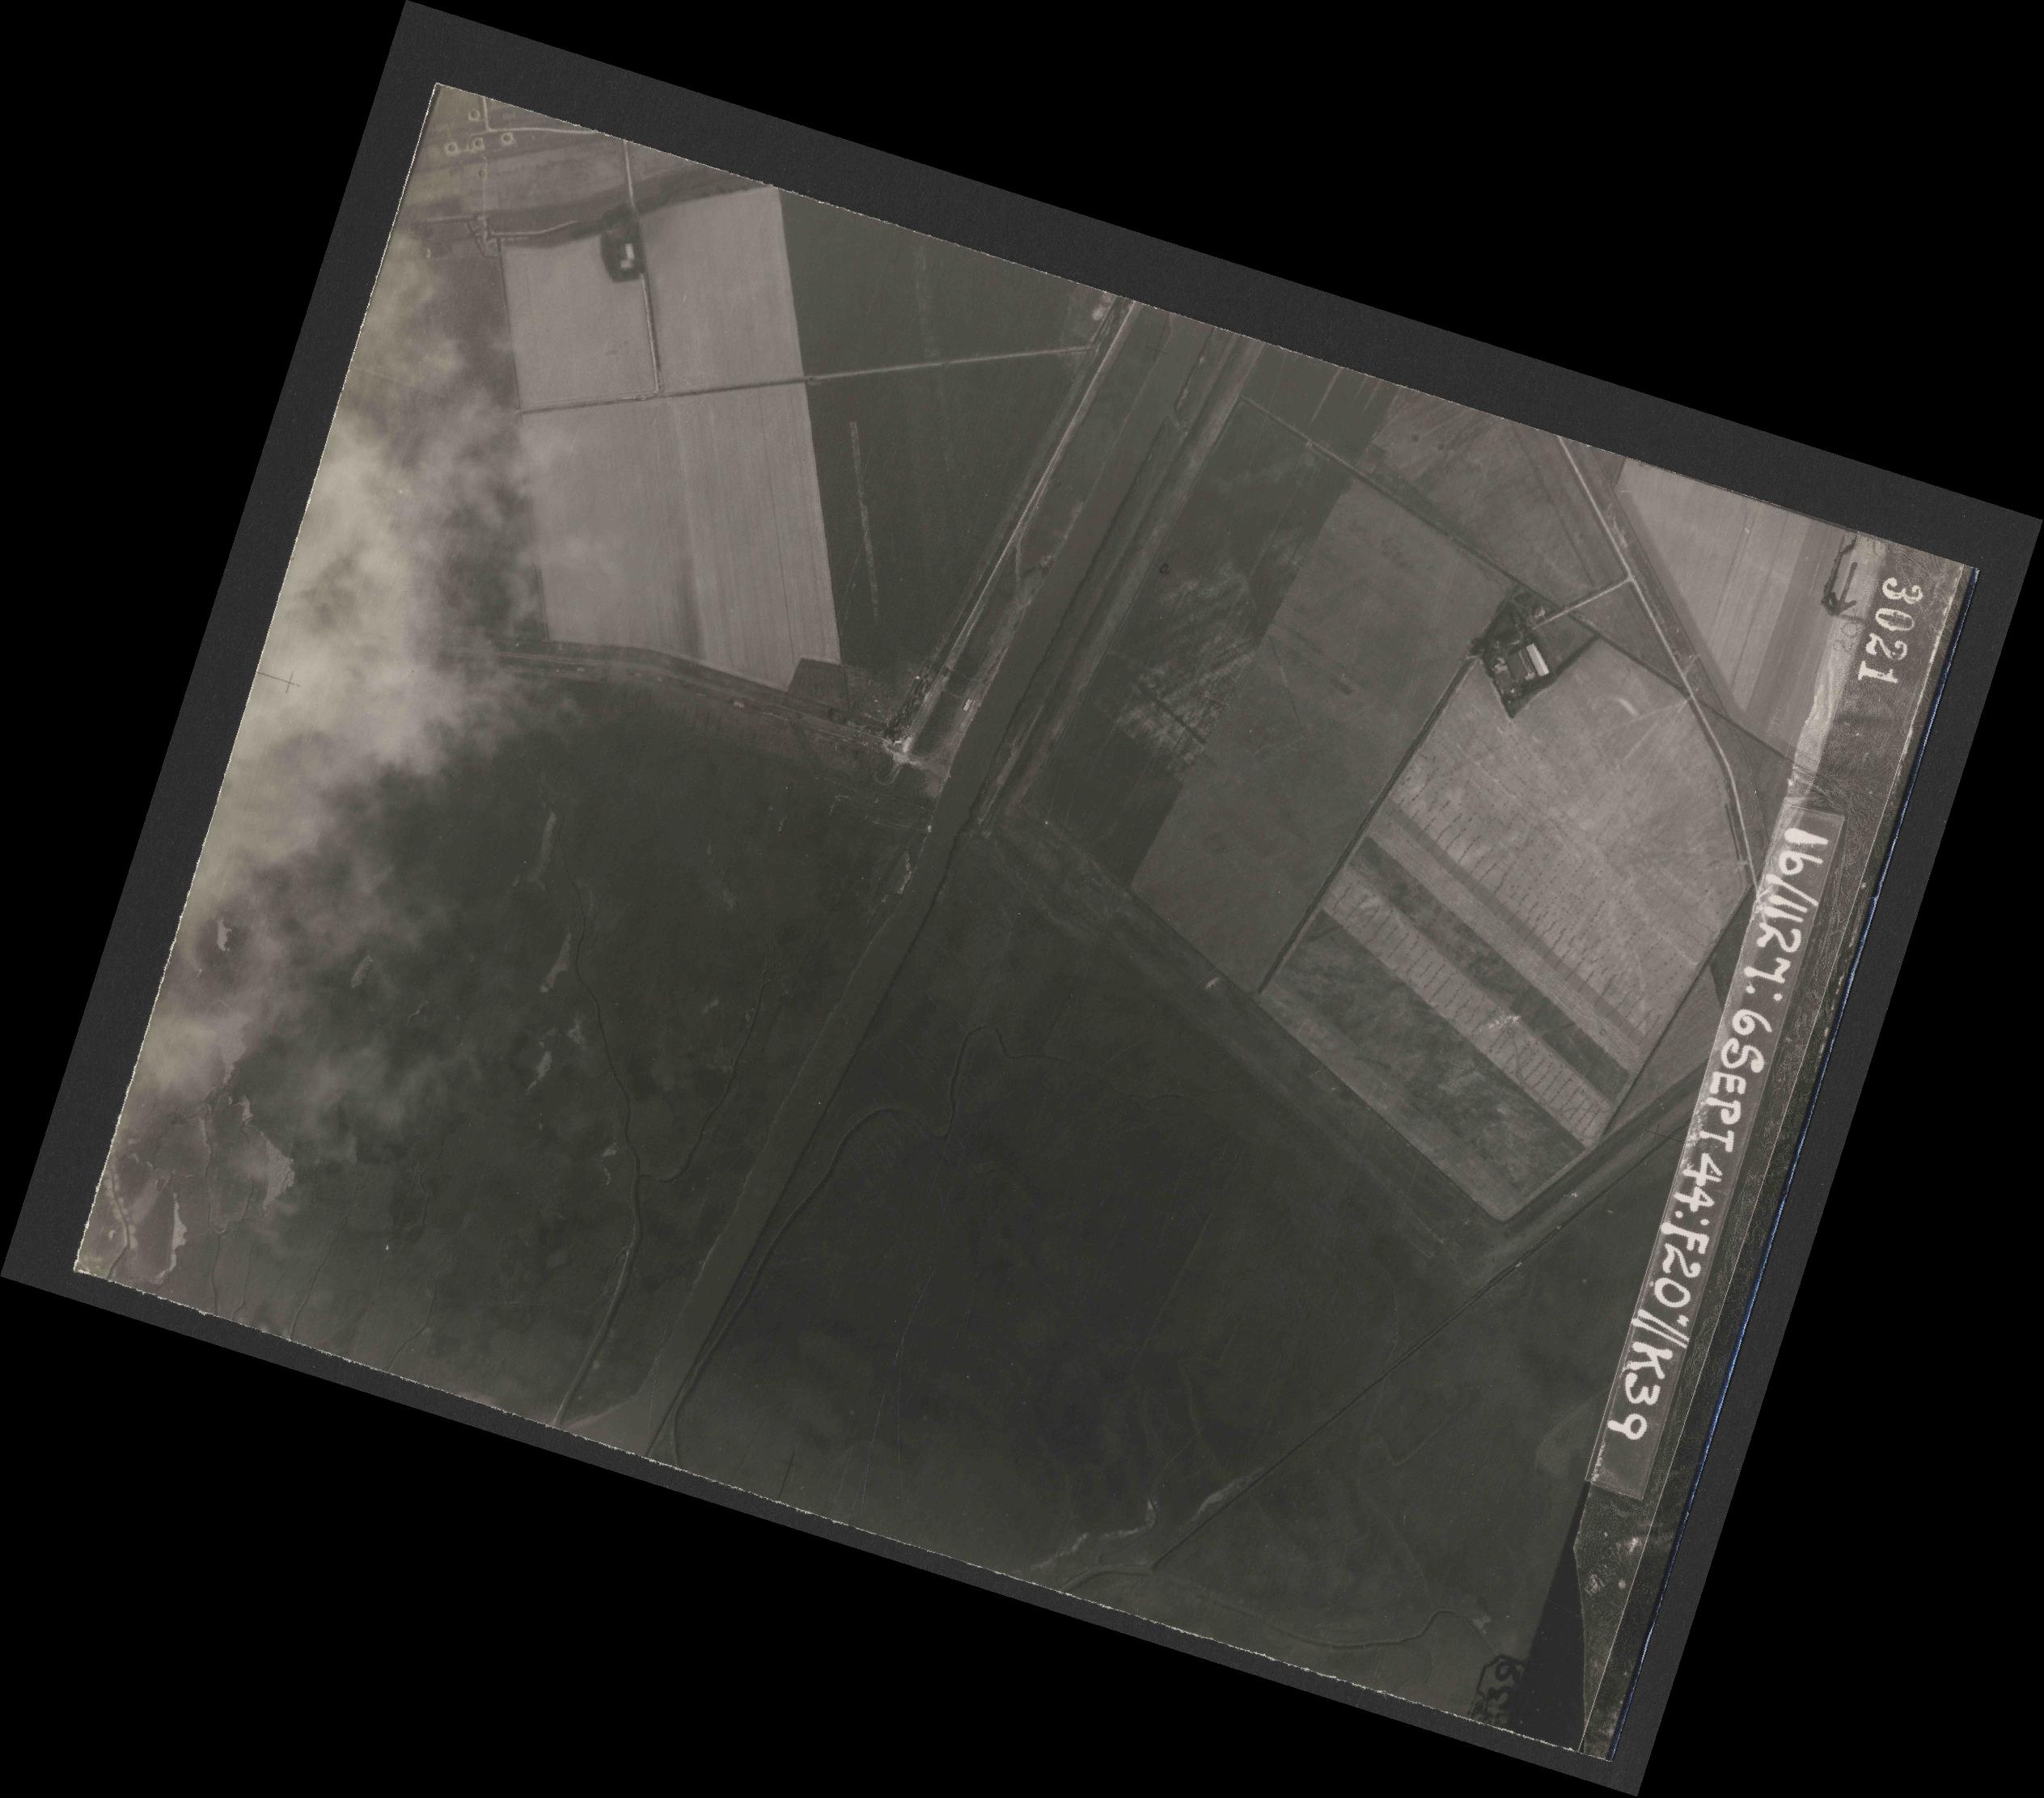 Collection RAF aerial photos 1940-1945 - flight 189, run 10, photo 3021